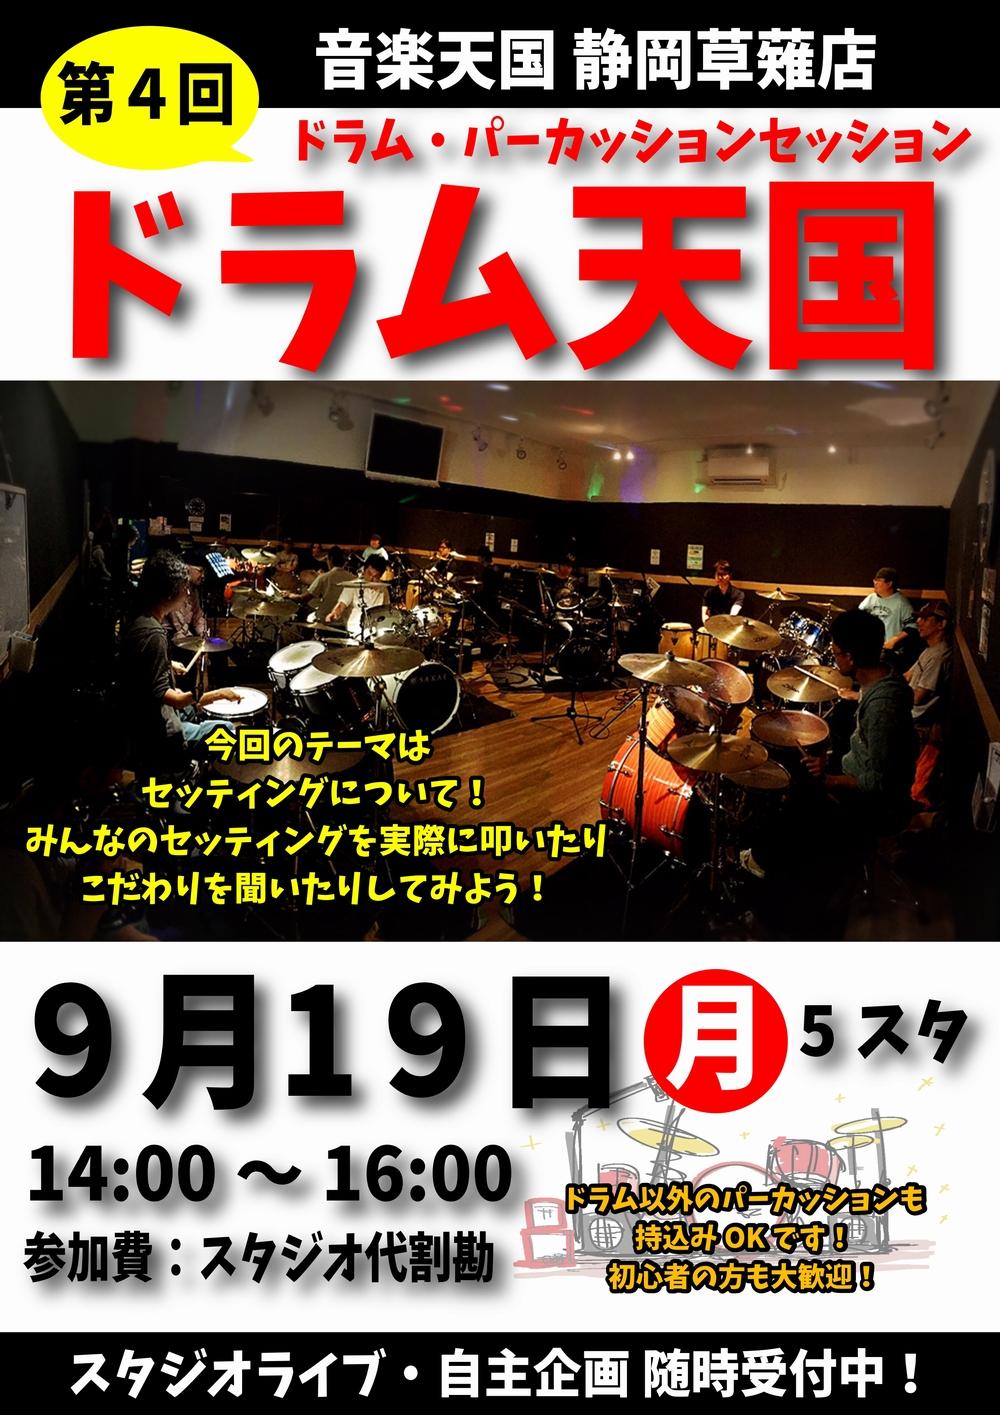 【ドラム天国】音楽天国・静岡草薙店9月19日(月)開催